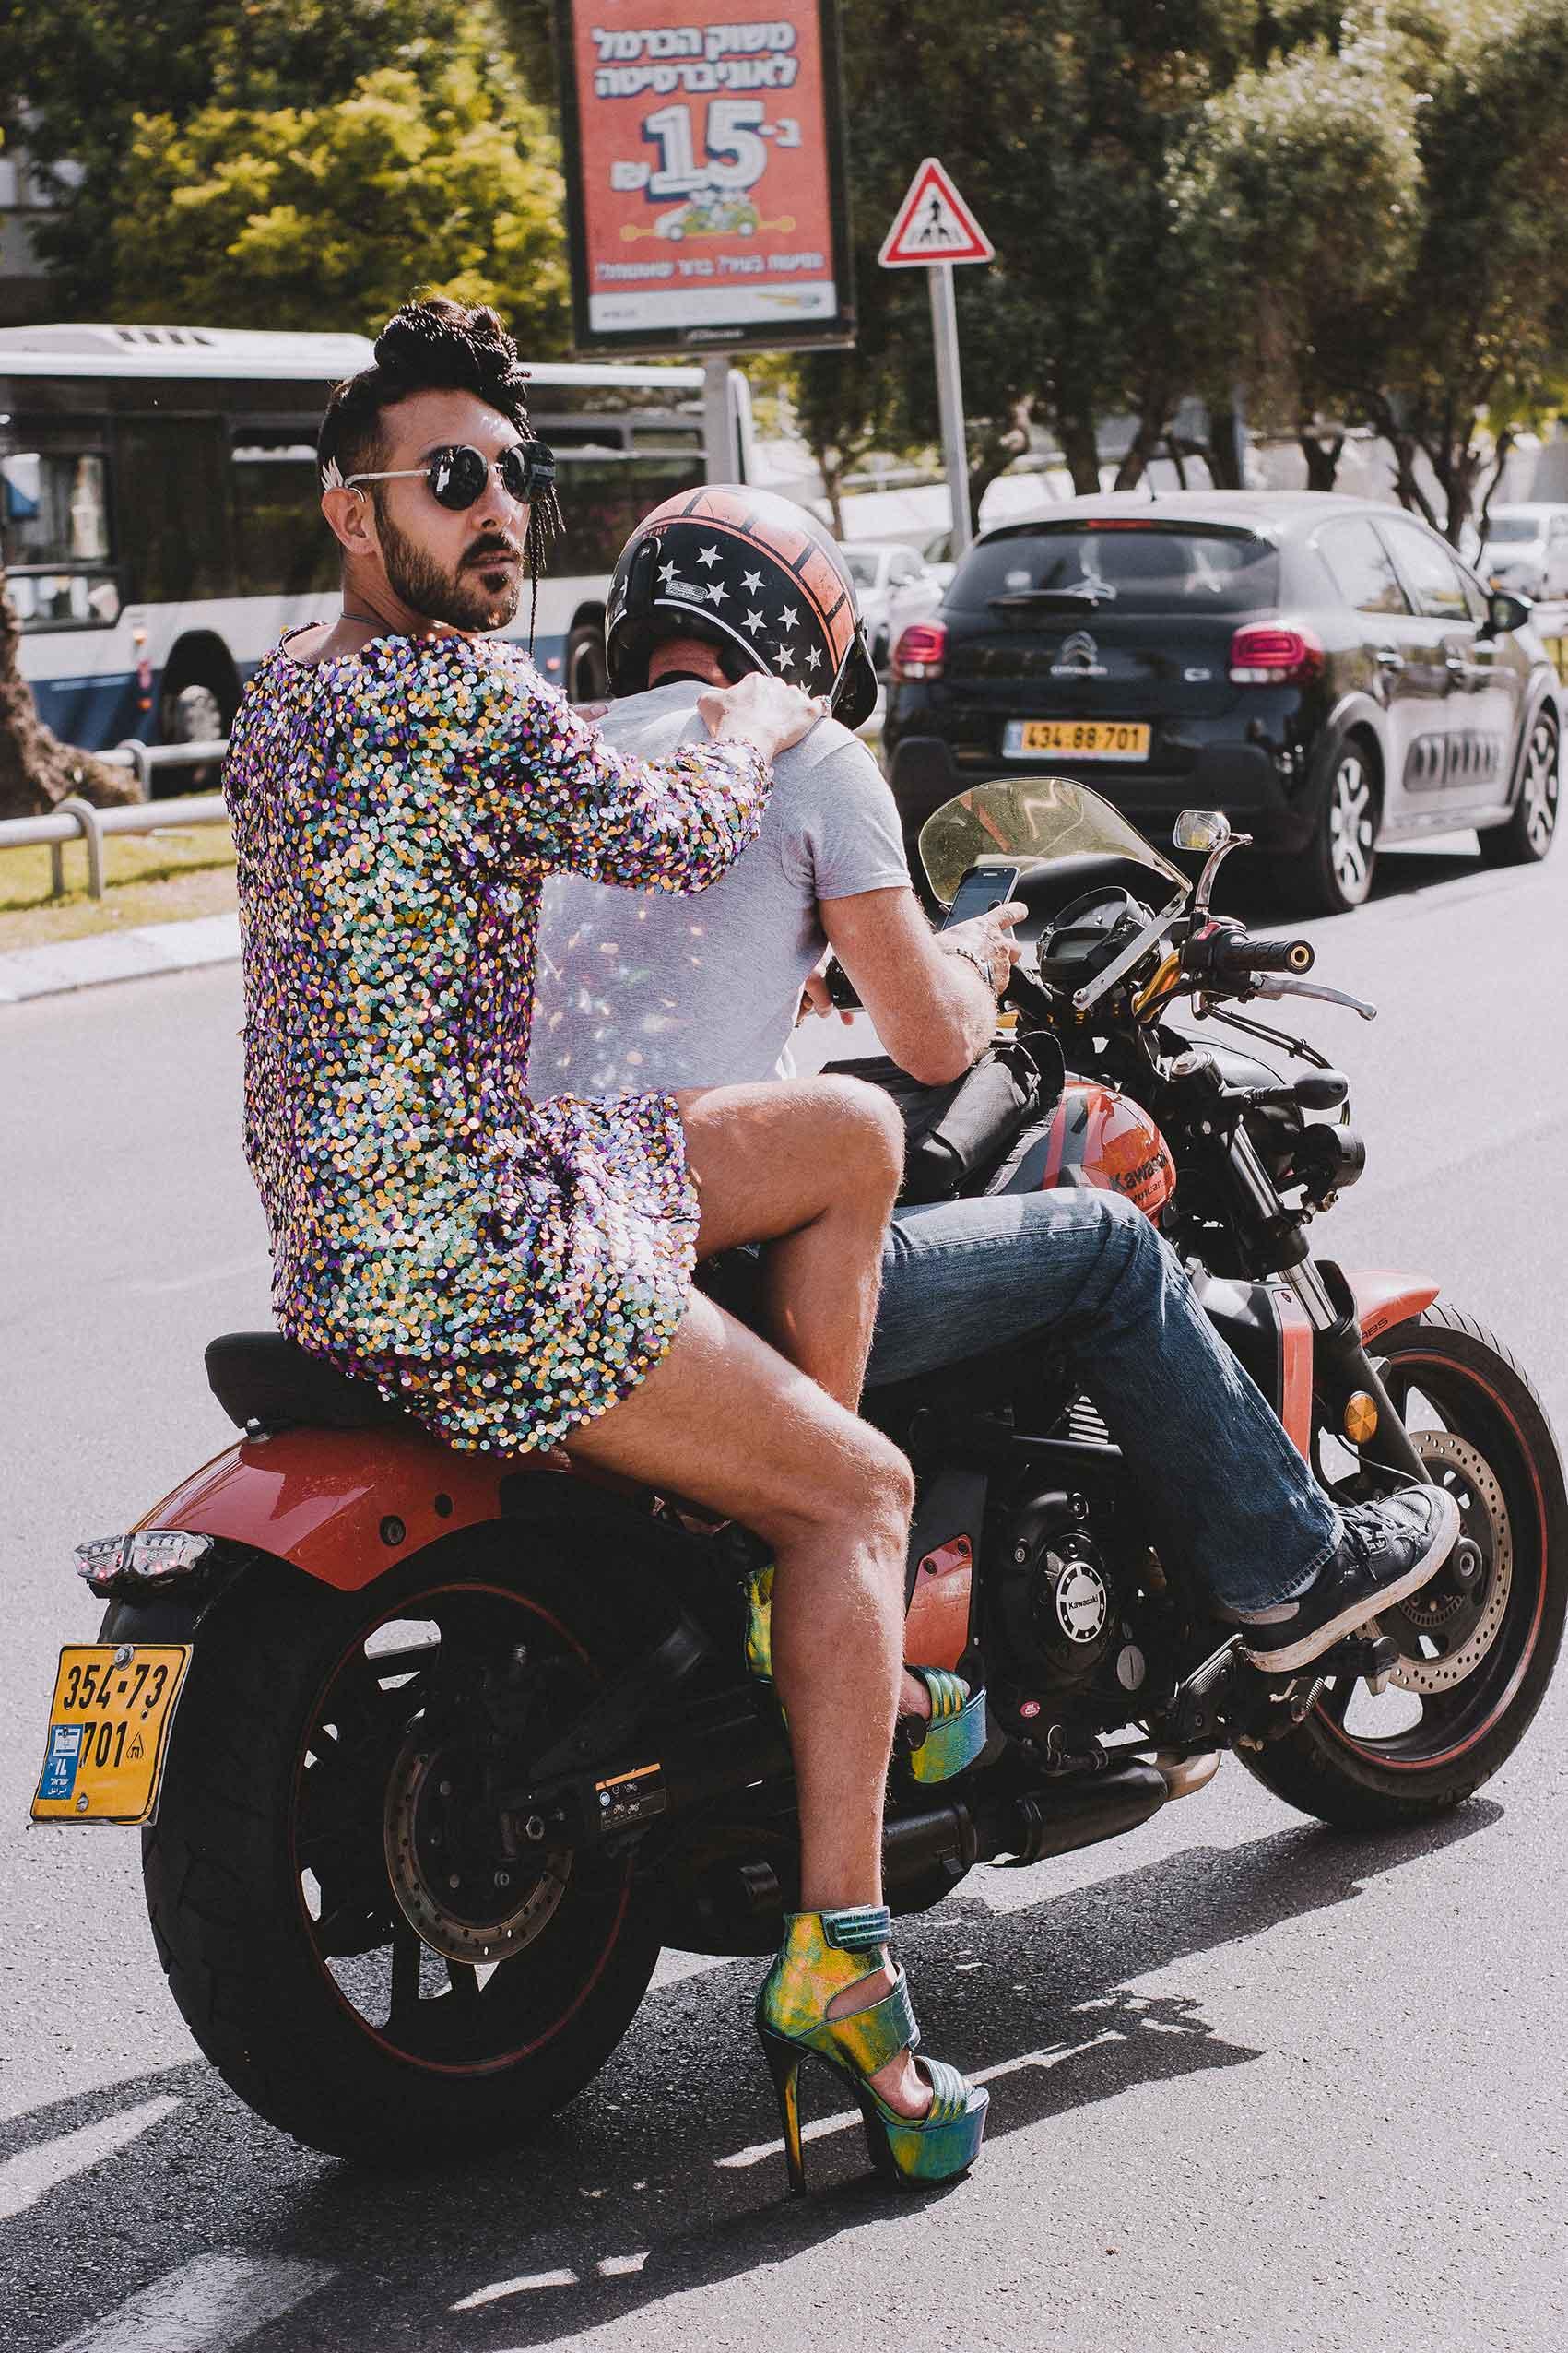 שמלה: שחר רבן, נעליים: אוסף פרטי, משקפיים: CHANEK, אופנוע: הארלי דוידסון